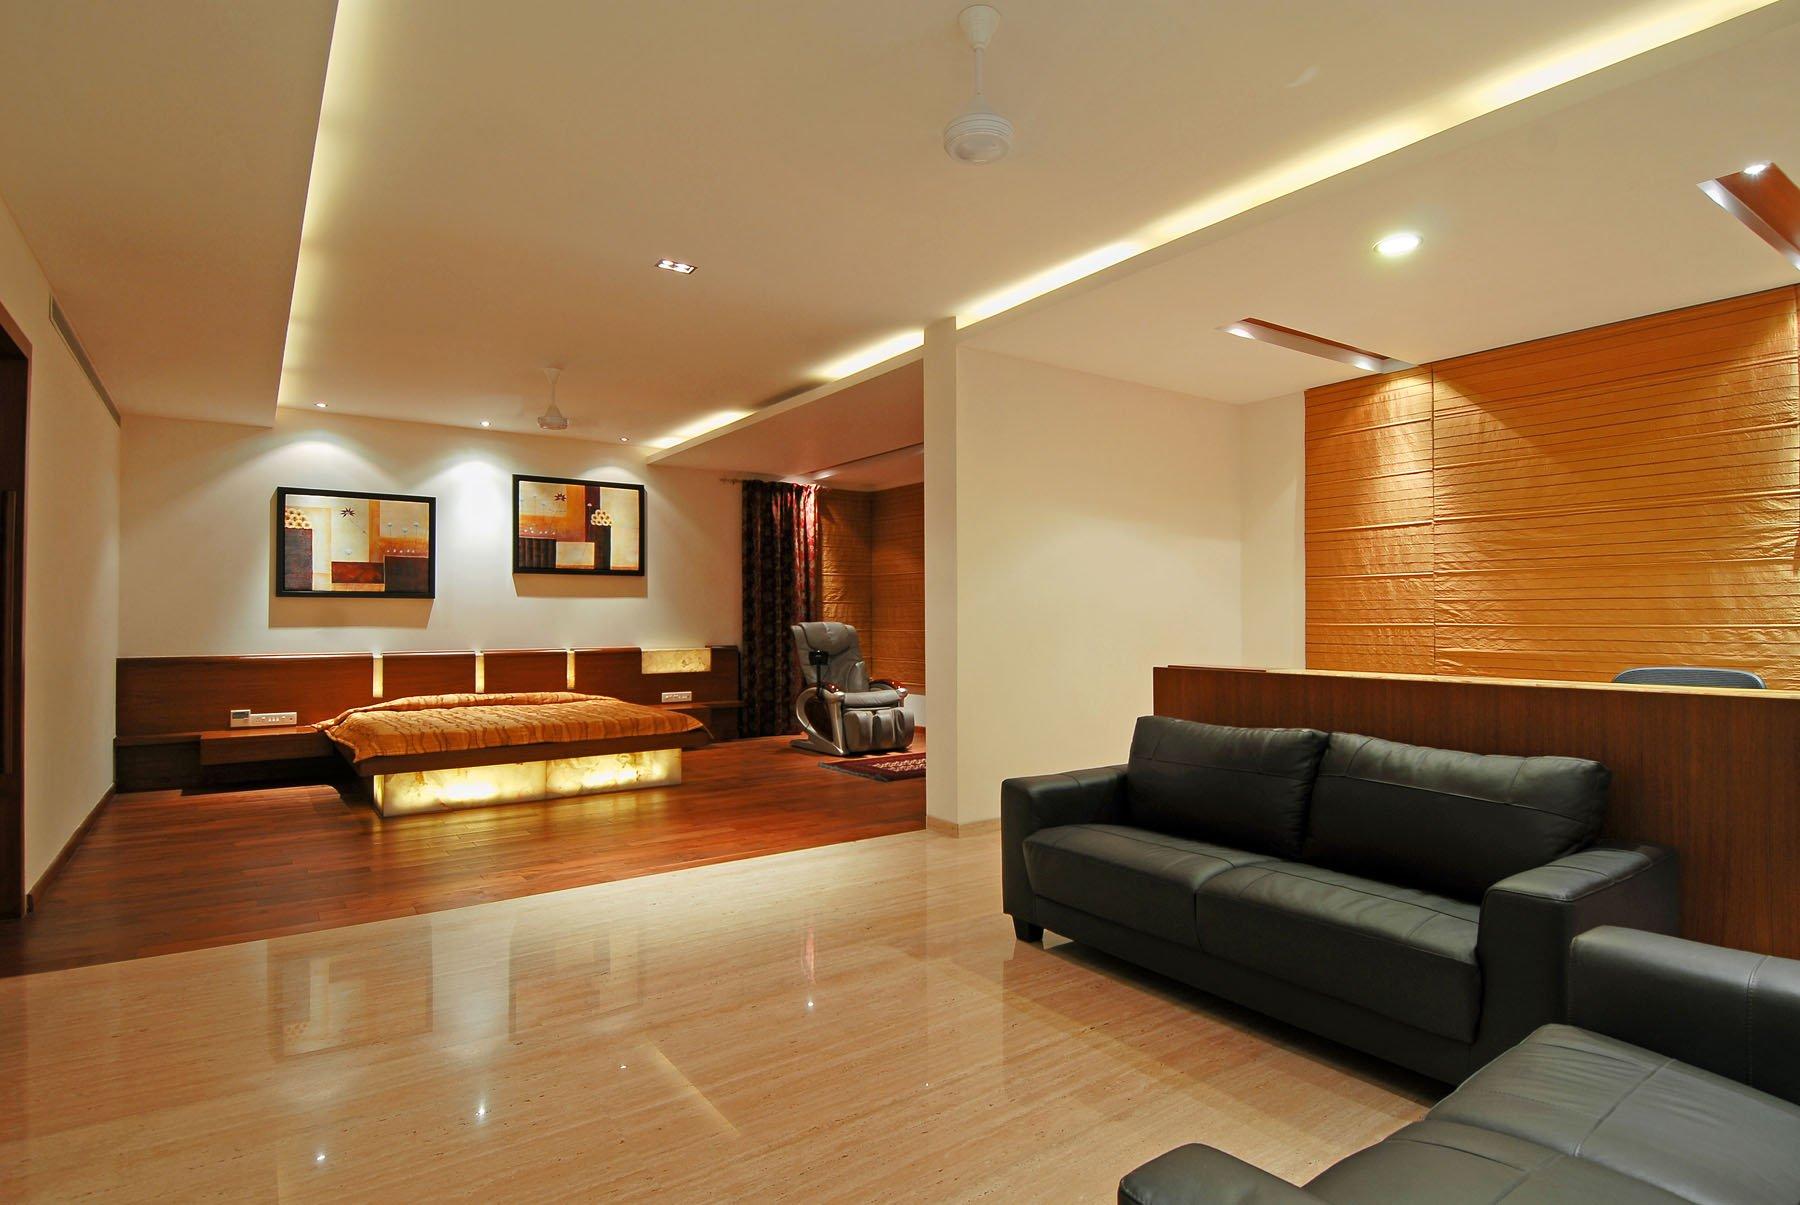 Ремонт и отделка квартир от компании АСК Триан